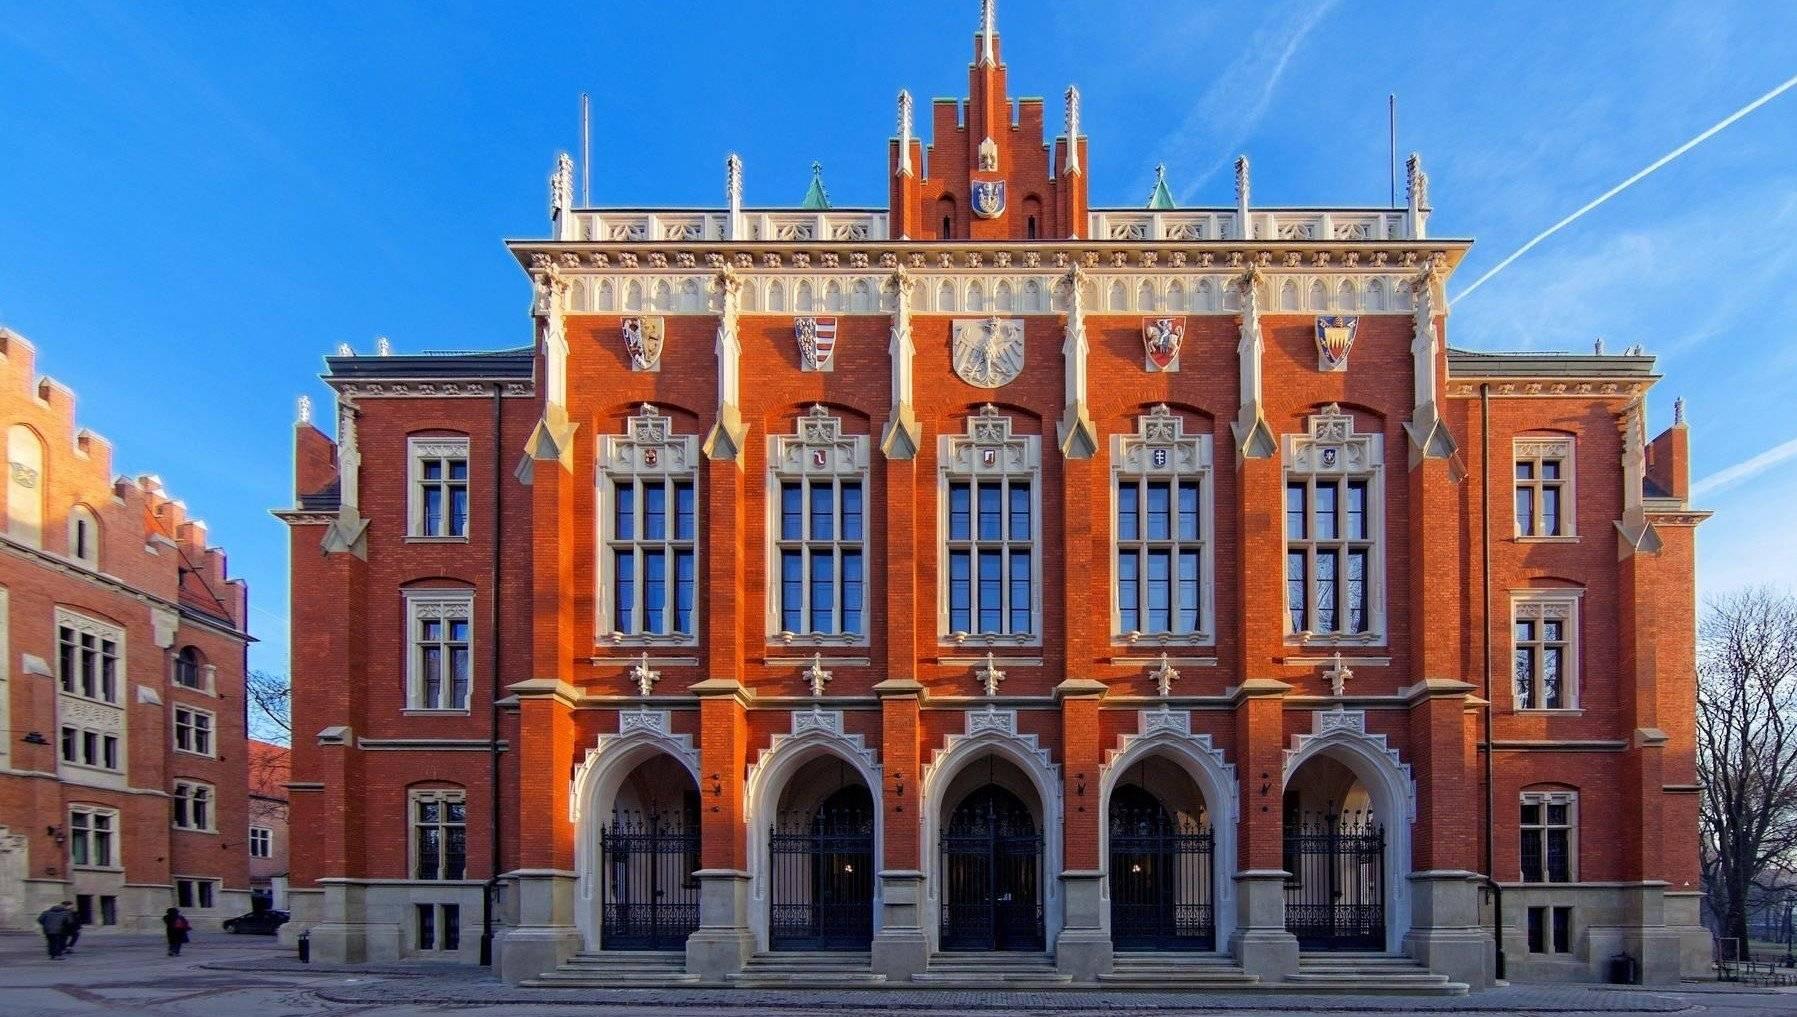 Государственный университет им. марии склодовской-кюри в люблине - университеты польши для украинцев, стоимость обучения | освитаполь